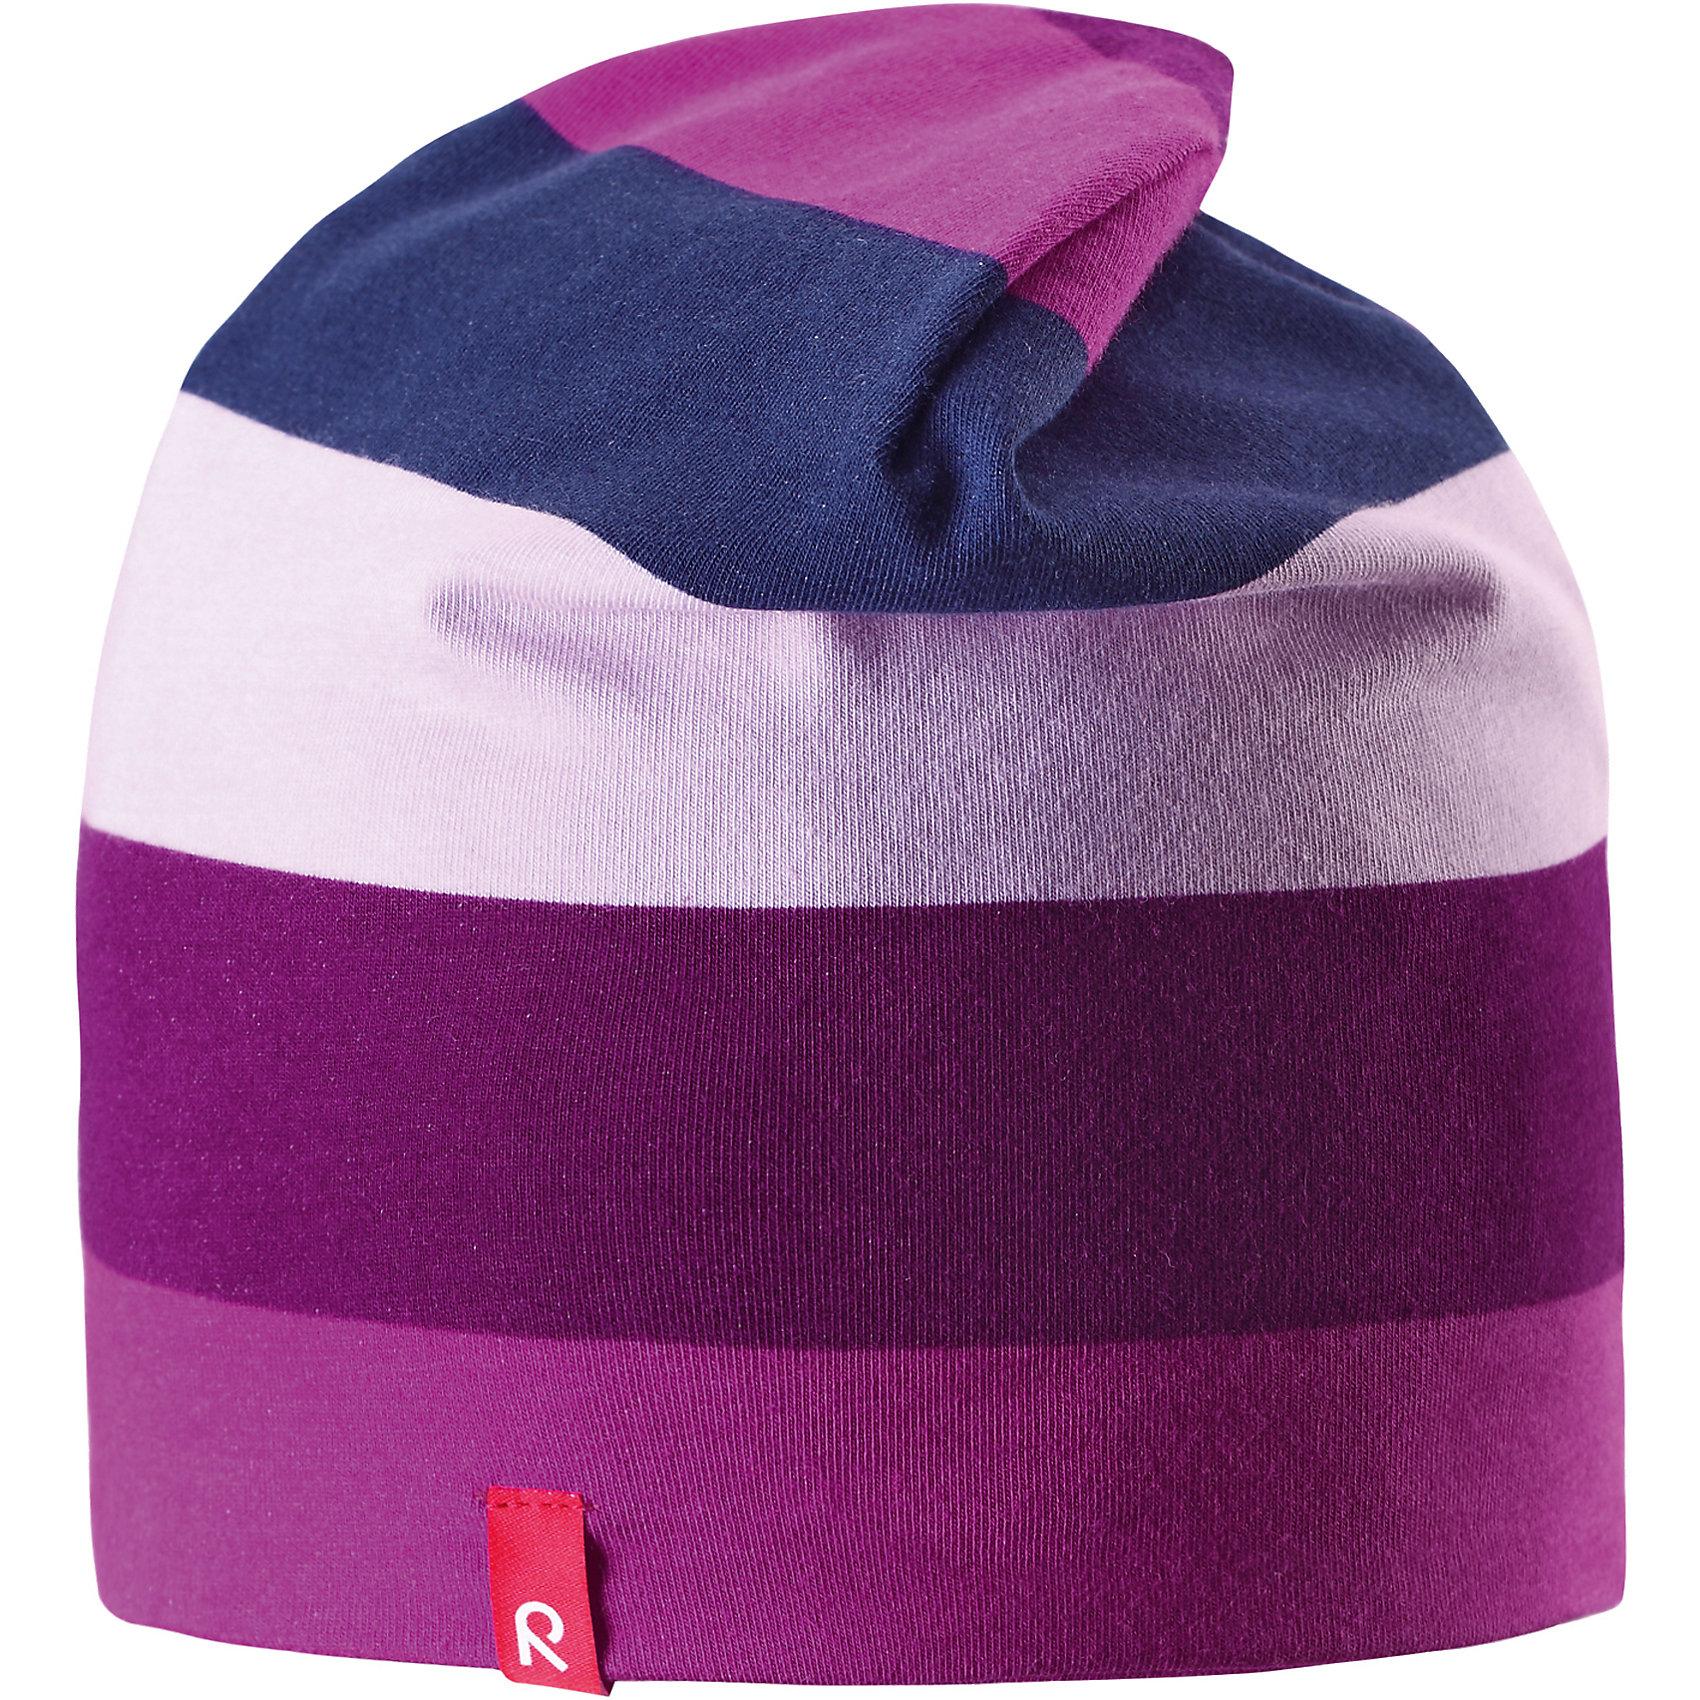 Шапка Trappa для девочки ReimaШапка  Reima<br>Двухсторонняя шапка «Бини» для детей. Простой в уходе материал быстро сохнет. Быстросохнущий материал Play Jersey, приятный на ощупь. Выводит влагу наружу и быстро сохнет. Мягкий хлопчатобумажный верх, внутренняя поверхность хорошо выводит влагу. Эластичный удобный материал. Сплошная подкладка: отводящий влагу материал Play Jersey. Логотип Reima® сбоку. Веселые цветовые сочетания .<br>Уход:<br>Стирать с бельем одинакового цвета, вывернув наизнанку. Полоскать без специального средства. Придать первоначальную форму вo влажном виде. <br>Состав:<br>61% Хлопок, 33% полиэстер, 6% эластан<br><br>Ширина мм: 89<br>Глубина мм: 117<br>Высота мм: 44<br>Вес г: 155<br>Цвет: розовый<br>Возраст от месяцев: 84<br>Возраст до месяцев: 144<br>Пол: Женский<br>Возраст: Детский<br>Размер: 56,52,50,48,46,54<br>SKU: 4777527